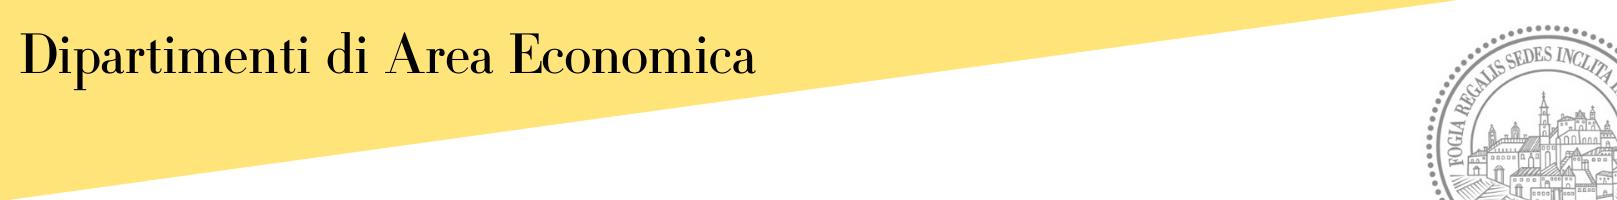 Banner Dipartimenti di Area Economica